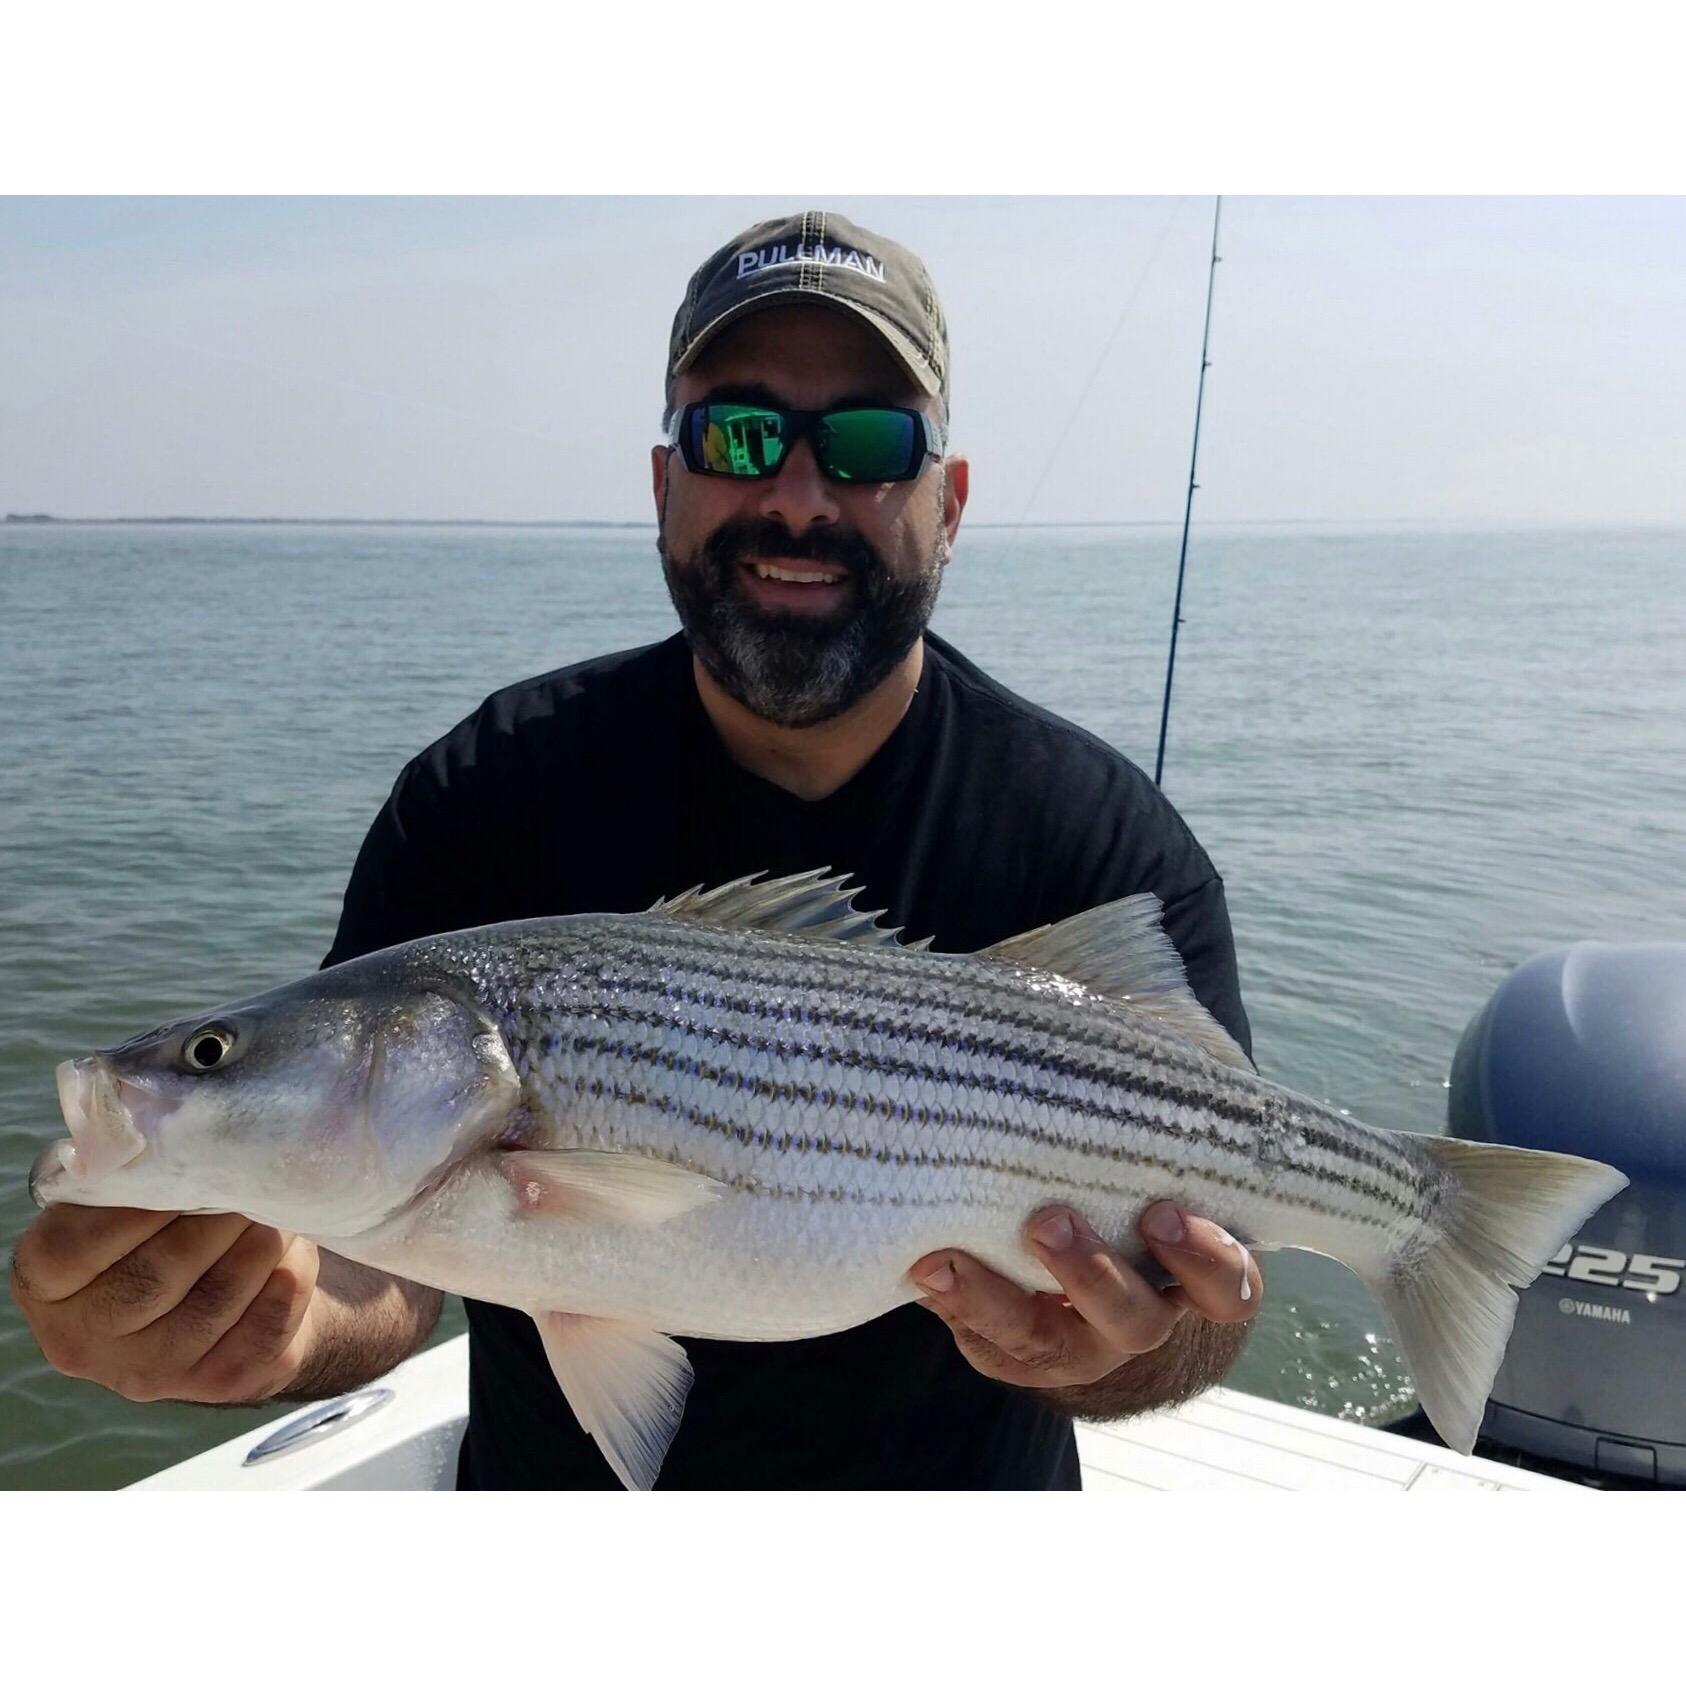 Nj fishing report archives lbi nj fishing report for Nj fishing reports now